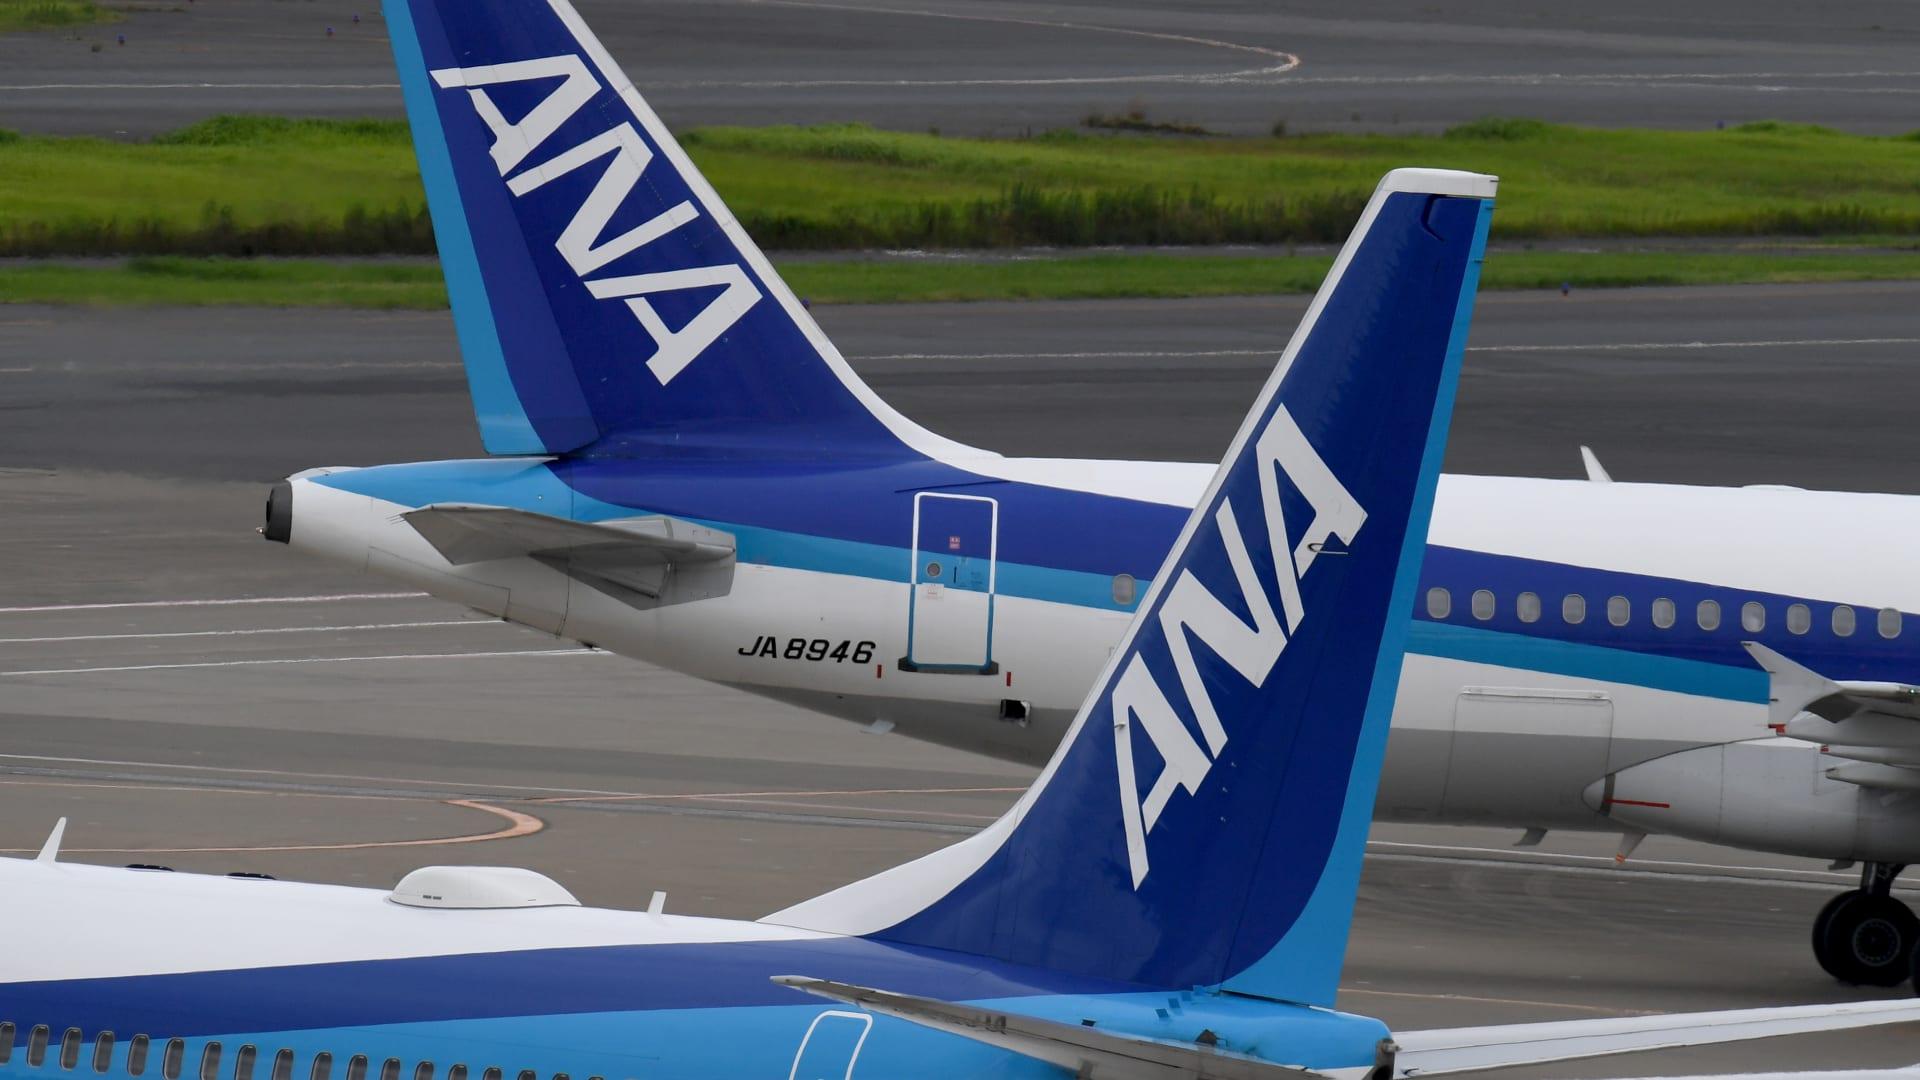 طائرة متجهة لطوكيو تعود إلى لوس أنجلوس بعد إقلاعها لأربع ساعات